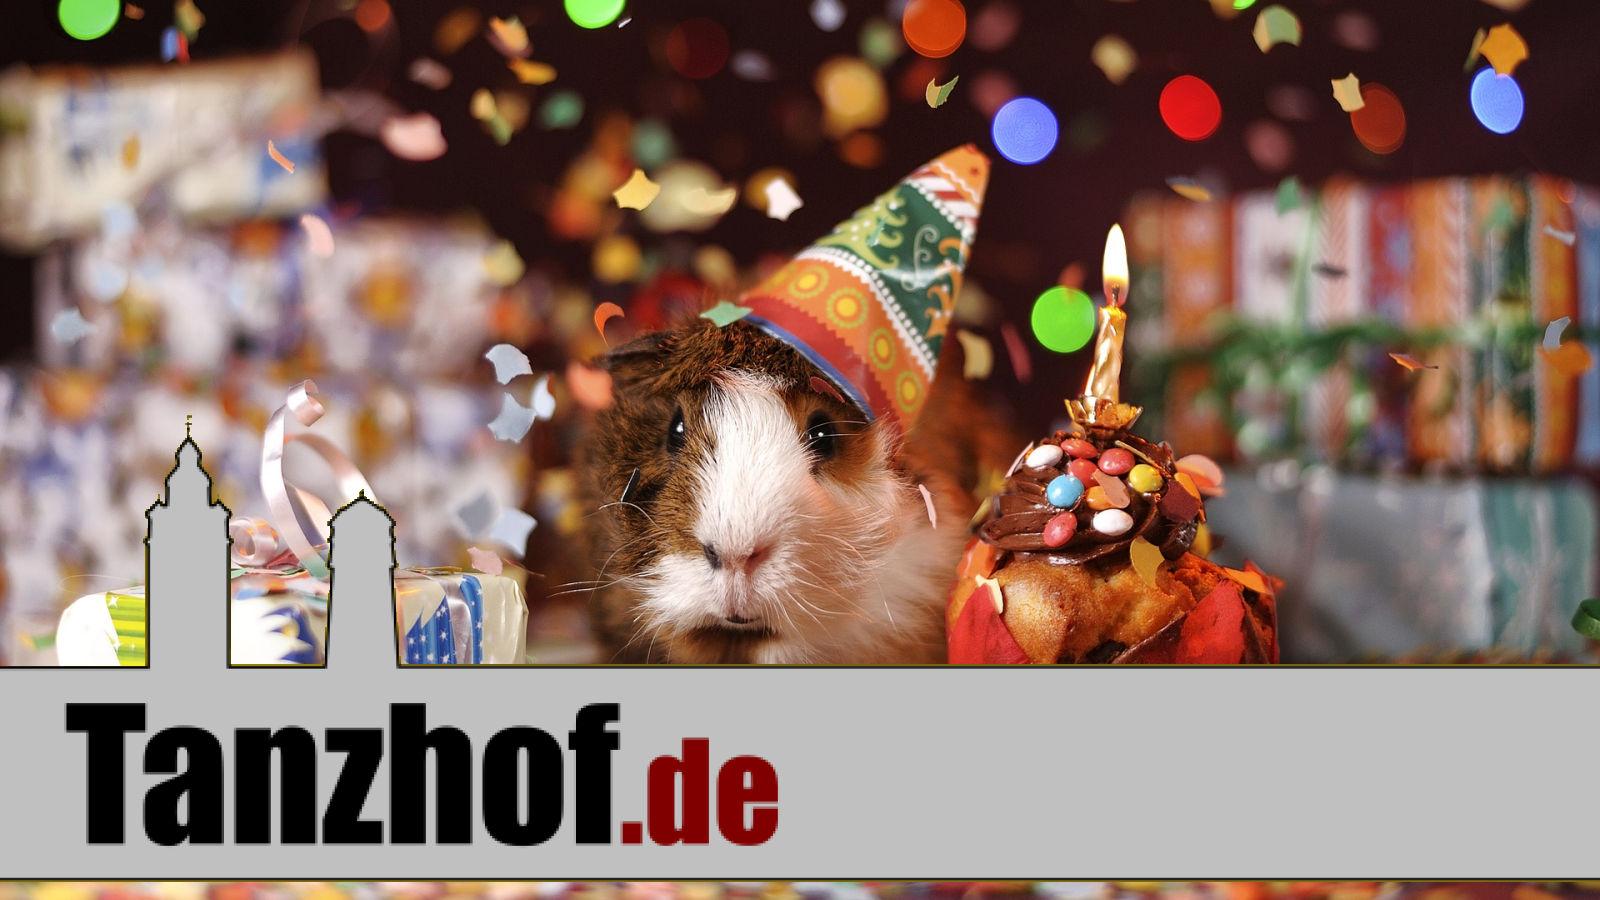 Tanzhof.de feiert Geburtstag